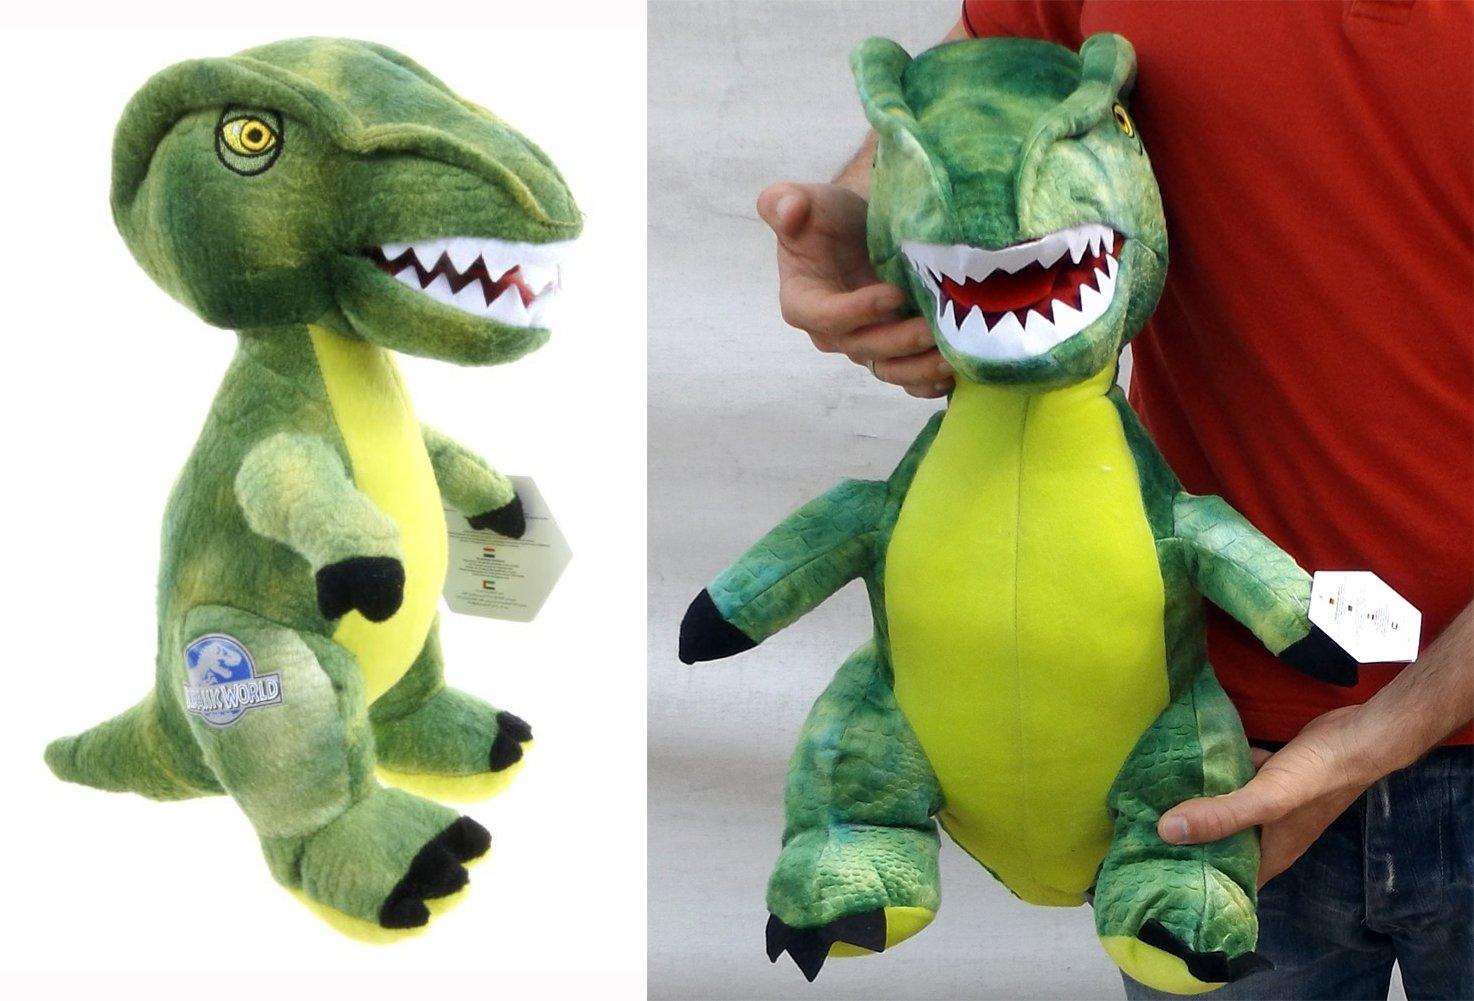 Brigamo 24018 – Jurassic World© grüner Velociraptor Plüsch DINOSAURIER IN XL GRÖßE! online kaufen